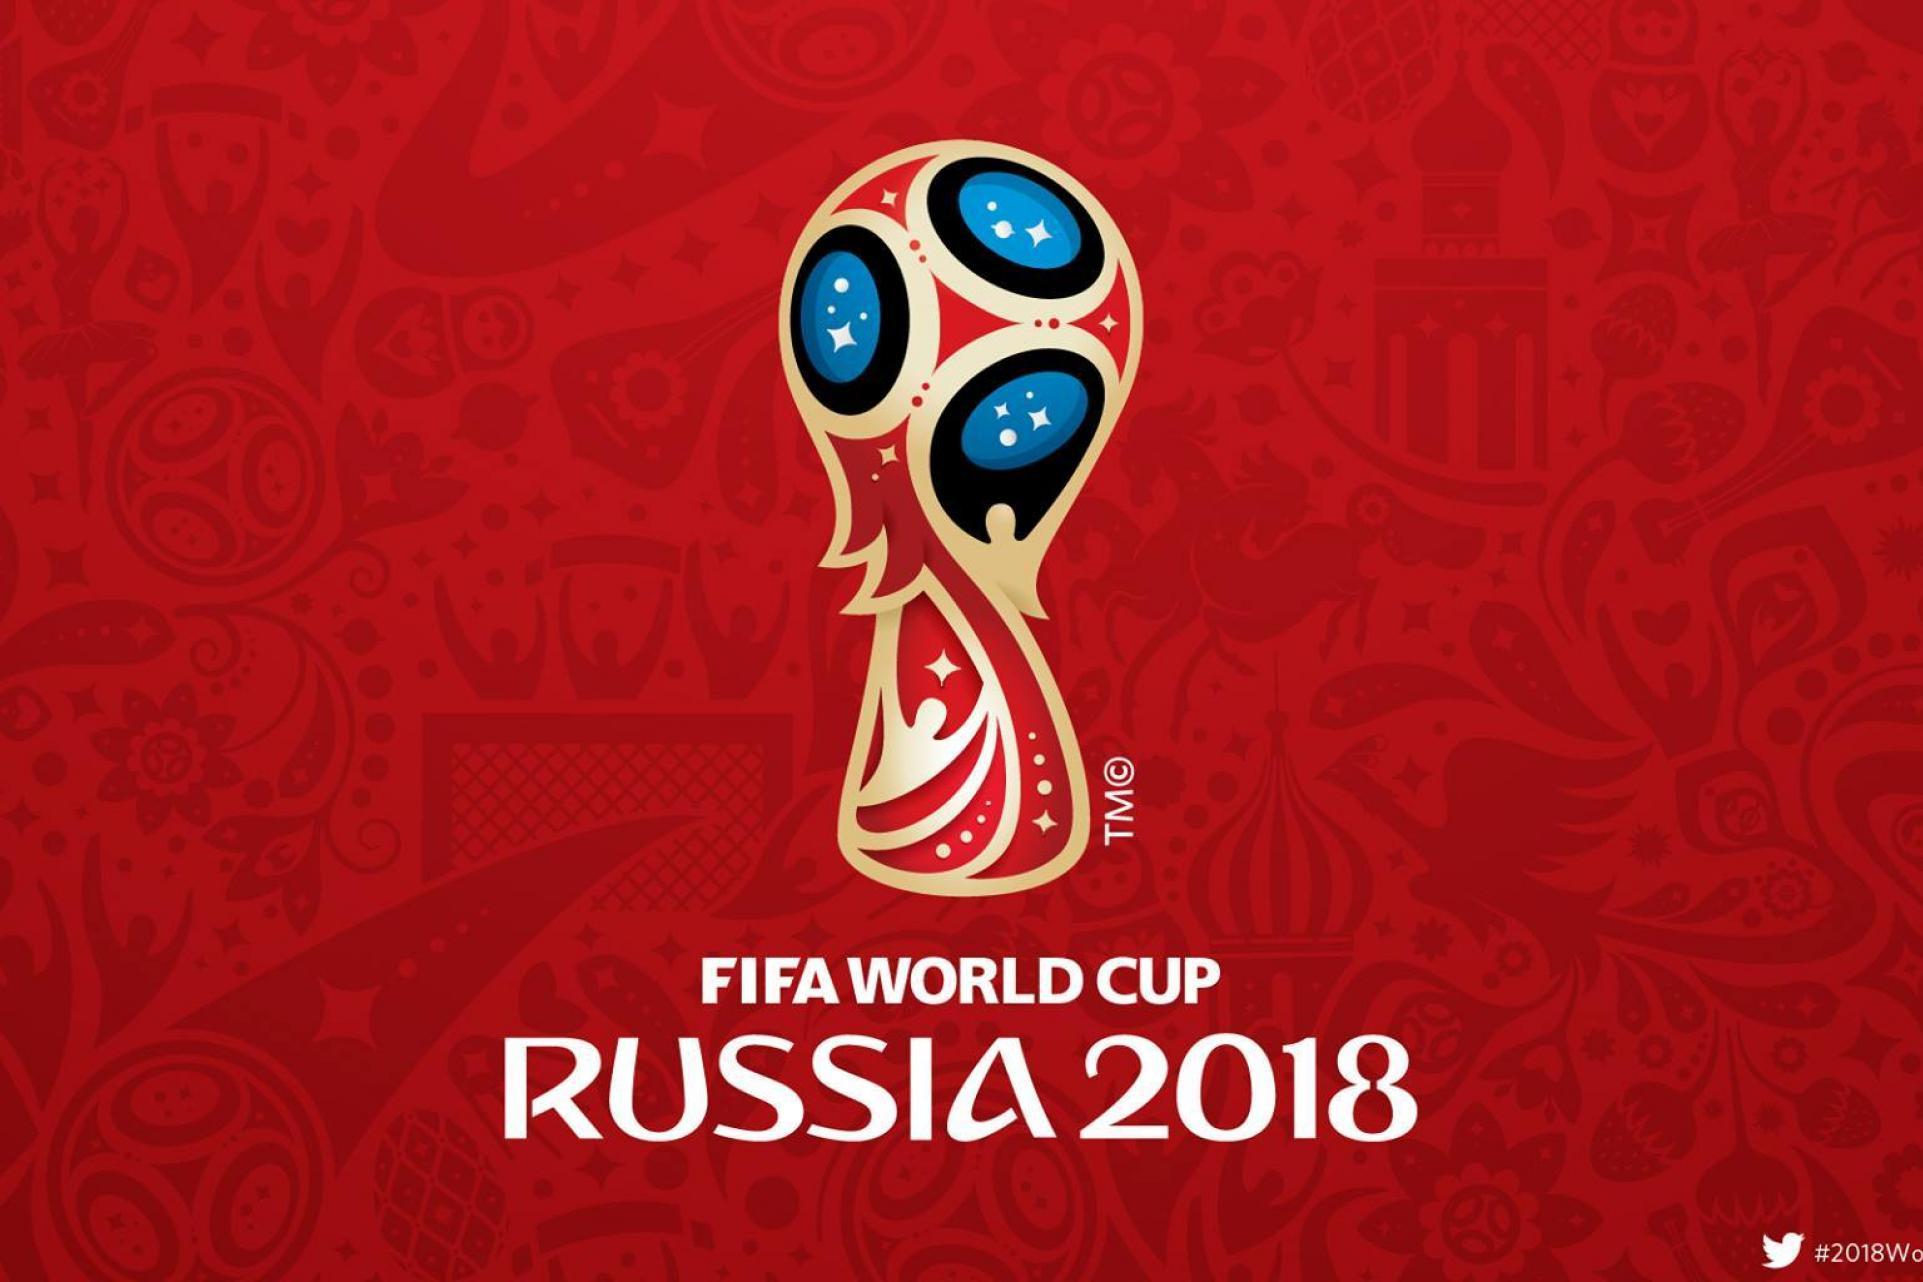 spots rusia 2018 masco branding